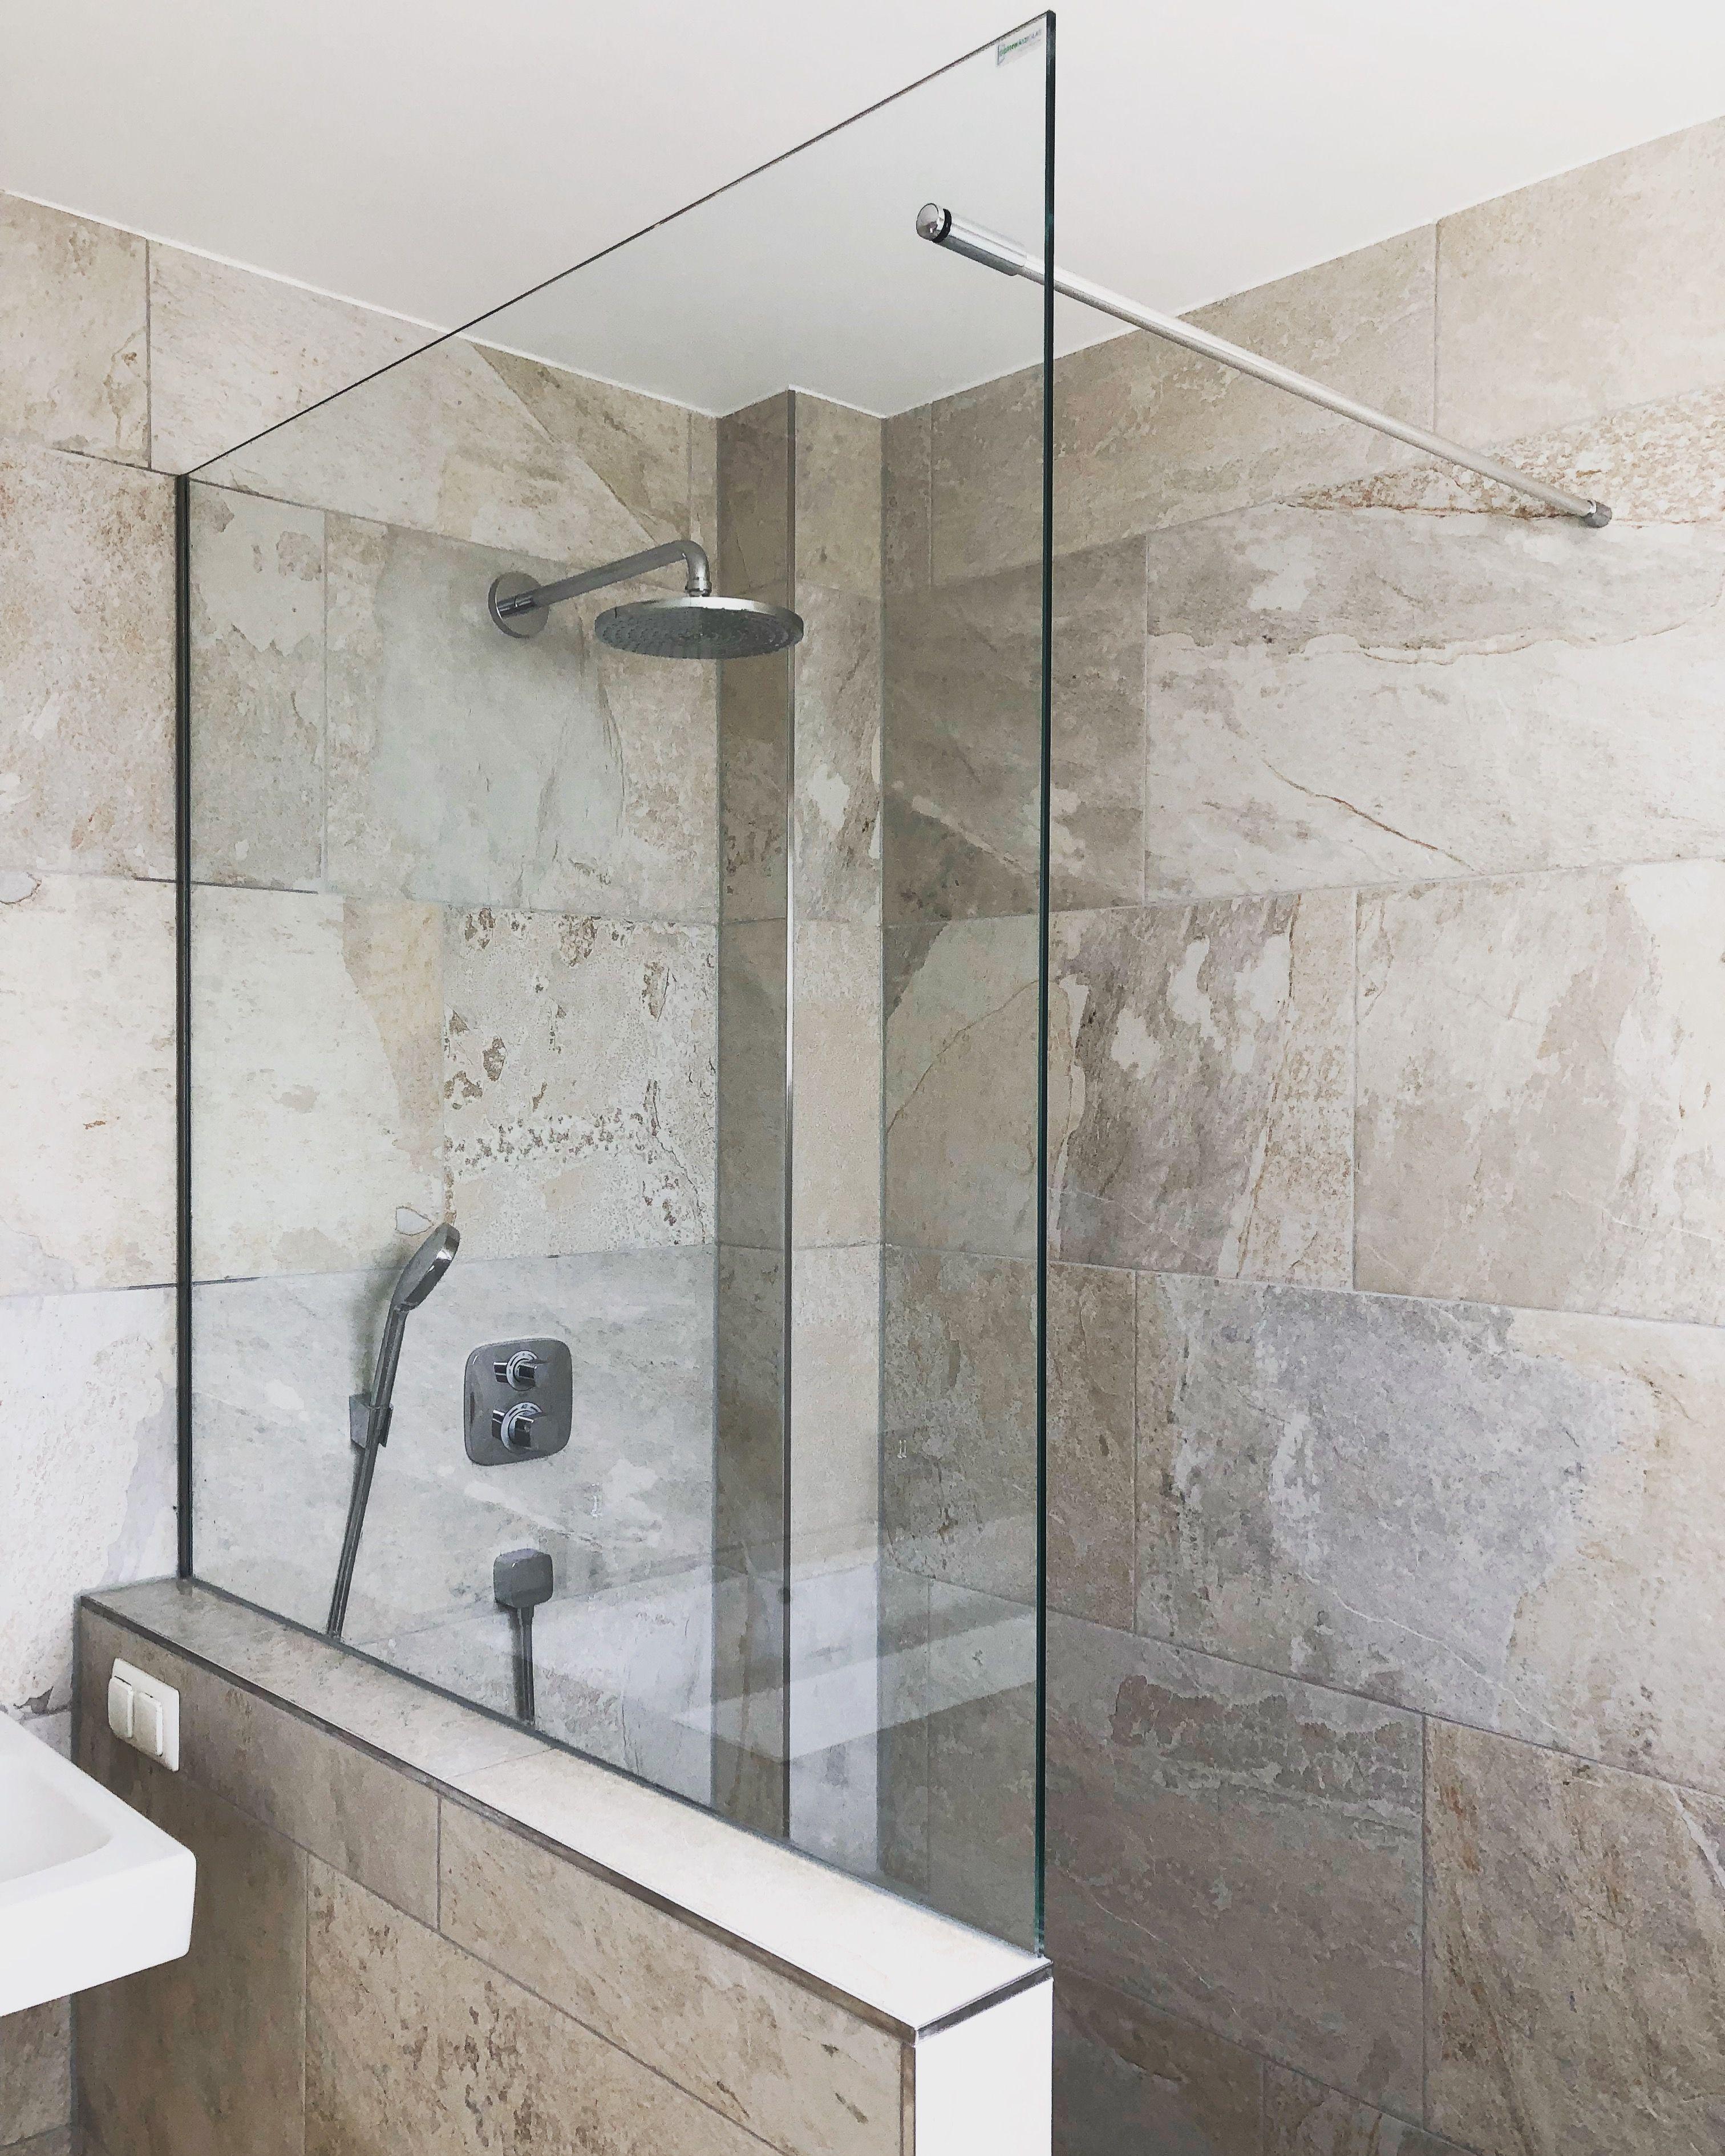 Duschtrennwand Auf Mauer Mit Stabilisationsstange Durch Das Glas